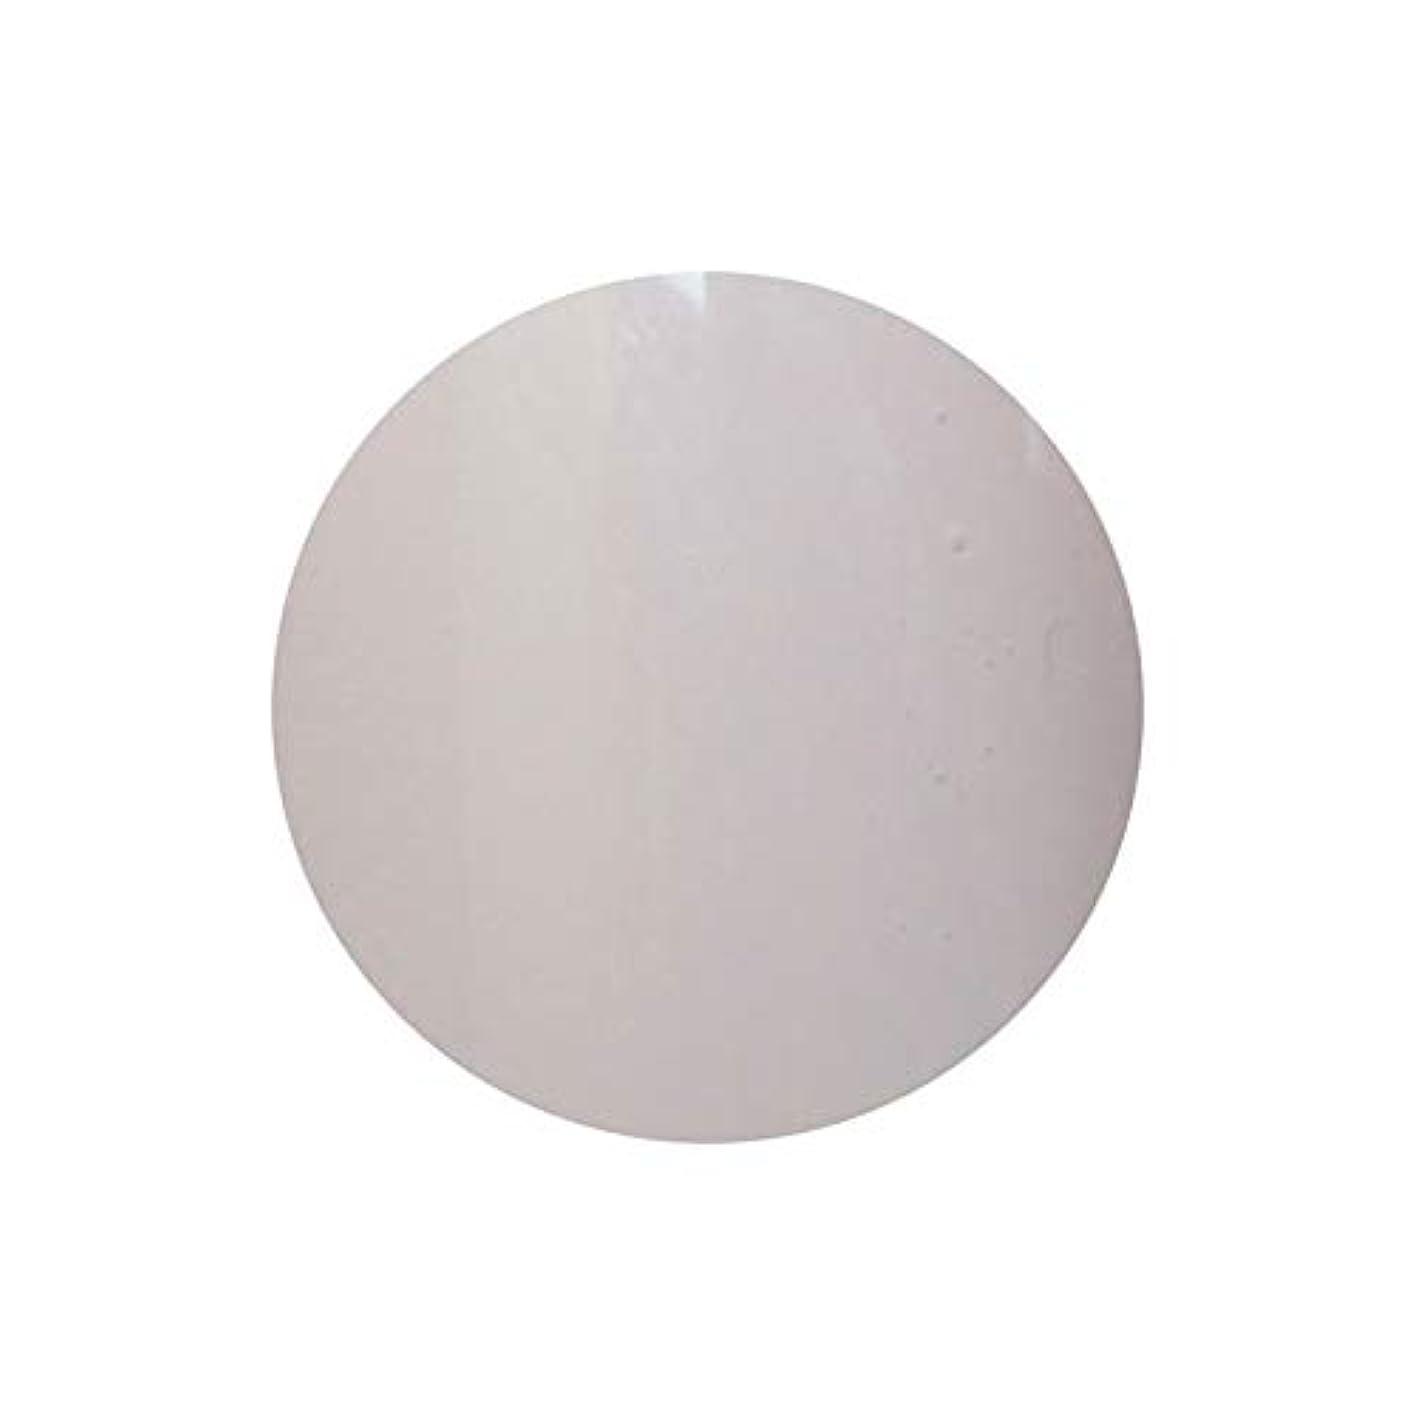 動かす余剰贈り物NEW】T-GEL COLLECTION カラージェル D220 モカホワイト 4ml